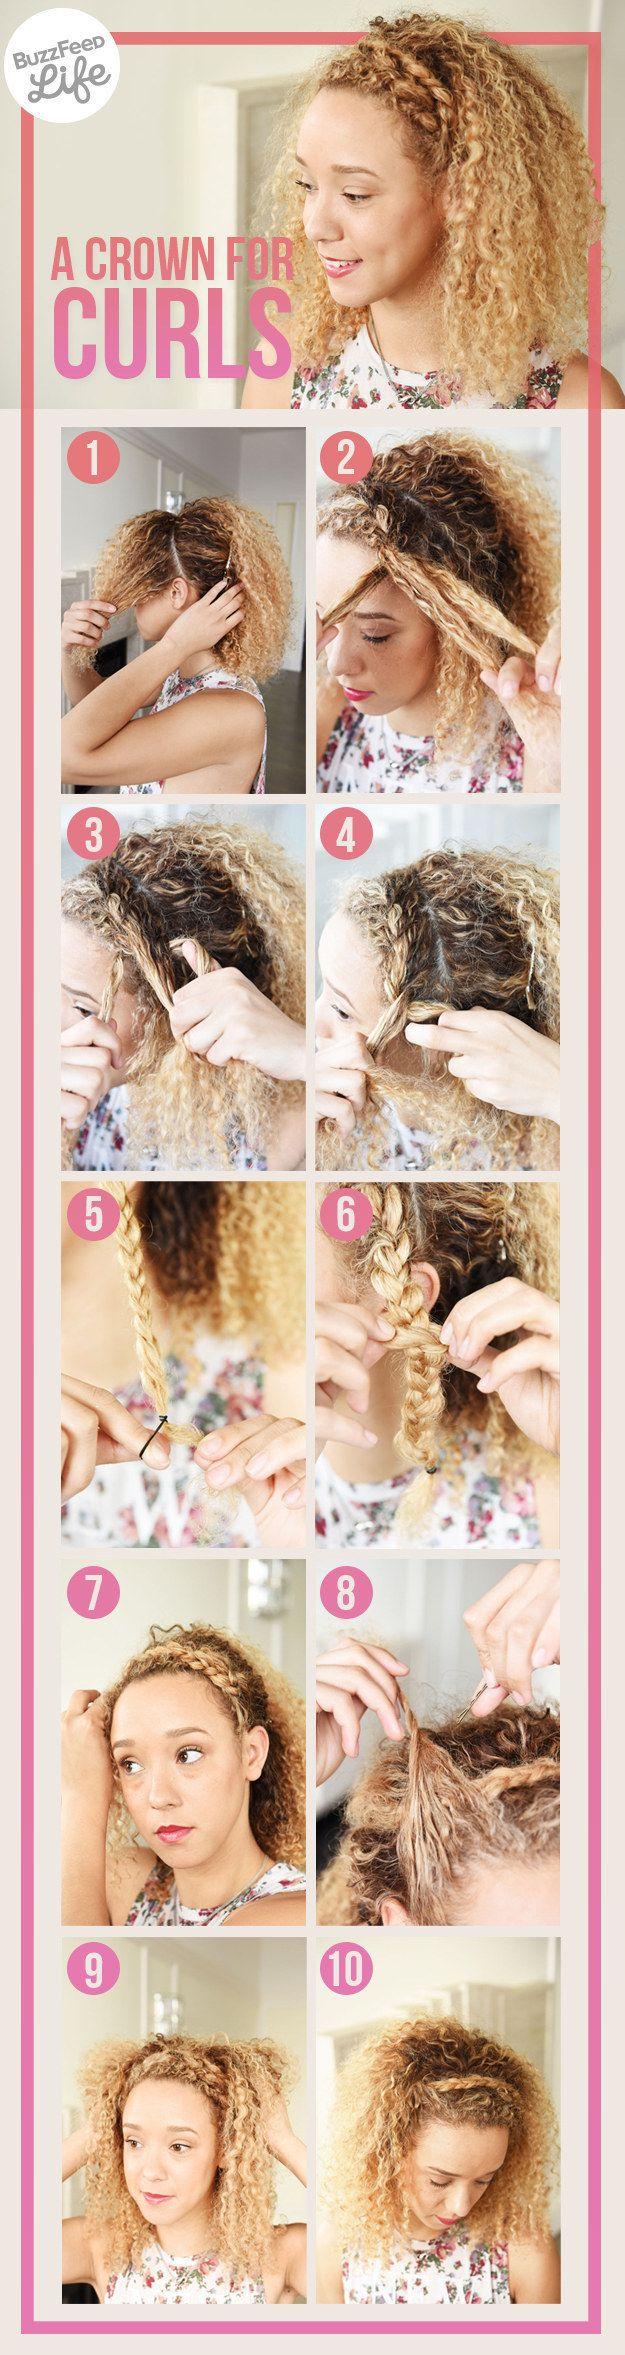 17 красивых причесок для кудрявых волос (18 фото) 61